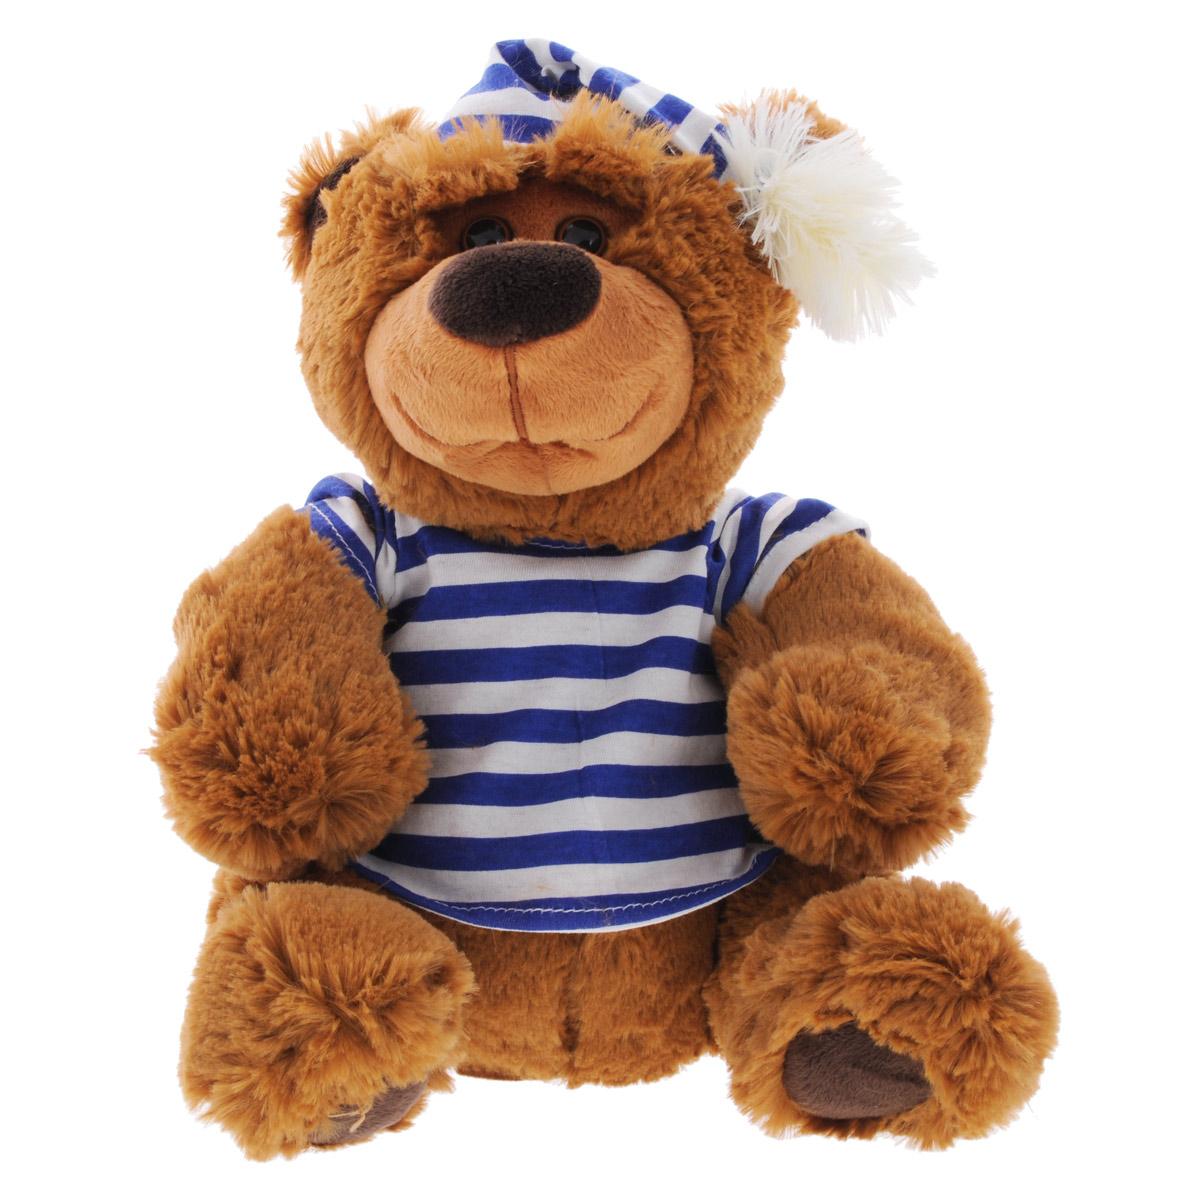 Dream Makers Мягкая озвученная игрушка Медведь-сказочник синяя полоска 28 смМЧН01\М_синяя полоскаМягкая игрушка Медведь-сказочник привлечет внимание не только ребенка, но и взрослого. Игрушка выполнена в виде забавного медвежонка в полосатой футболке и колпаке. Медведь- сказочник знает 4 интересных сказки: Три медведя, Маша и Медведь, Горшочек каши и Два жадных медвежонка, которые он с удовольствием будет рассказывать вашему малышу. У мишки на каждой лапке есть кнопка. Нажмите на любую из кнопок, чтобы послушать одну из 4 сказок. Если хотите остановить сказку и дослушать ее позже, нажмите на эту кнопку еще раз. Чтобы остановить сказку полностью, нажмите на кнопку стоп, которая спрятана в левом ушке медведя. В правом ушке расположена кнопка регулятора громкости. Малыш с удовольствием будет слушать великолепную игрушку. Озвученная игрушка послужит замечательным подарком близкому человеку, ребенку или другу! Рекомендуется докупить 3 батарейки типа АА (товар комплектуется демонстрационными).